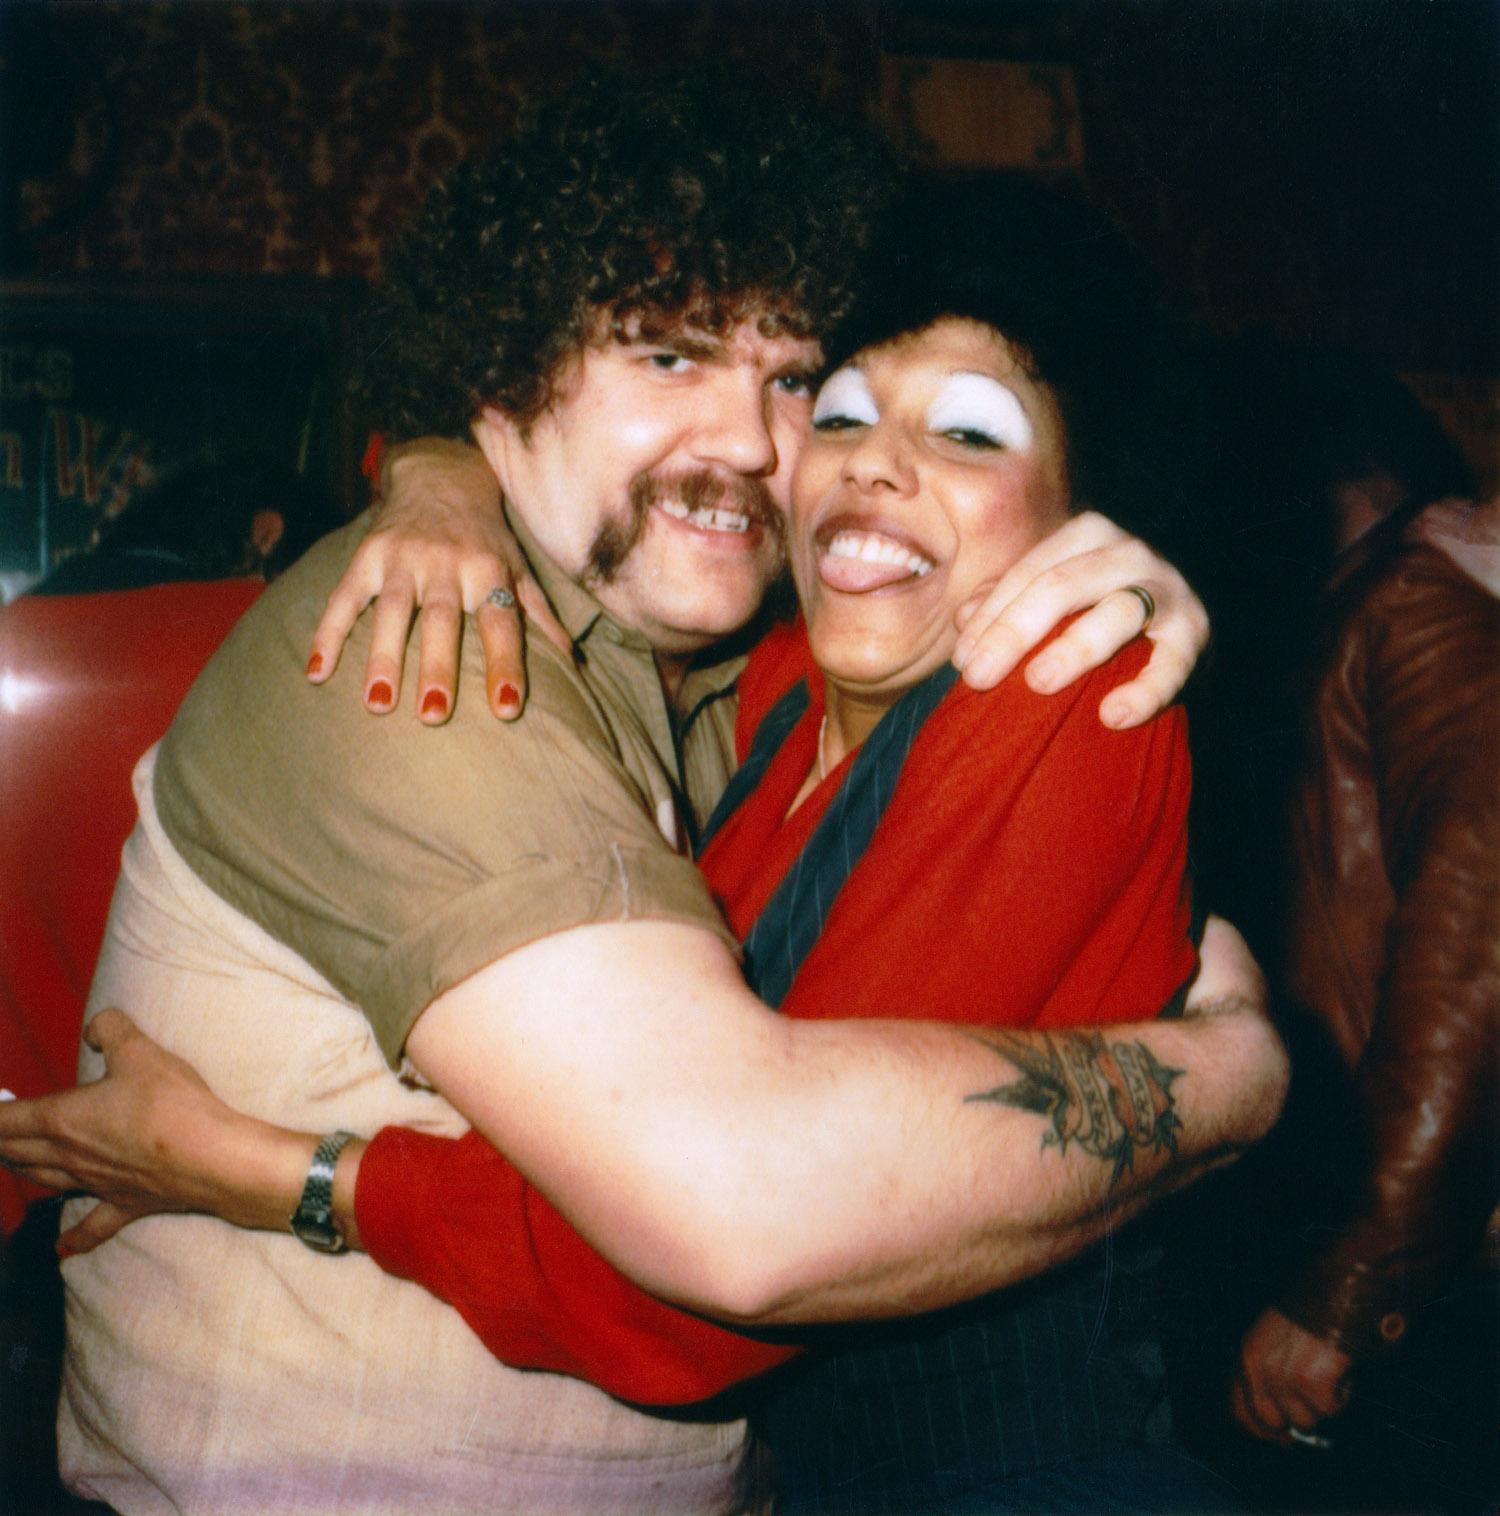 Piet and Pattie at Café Rox